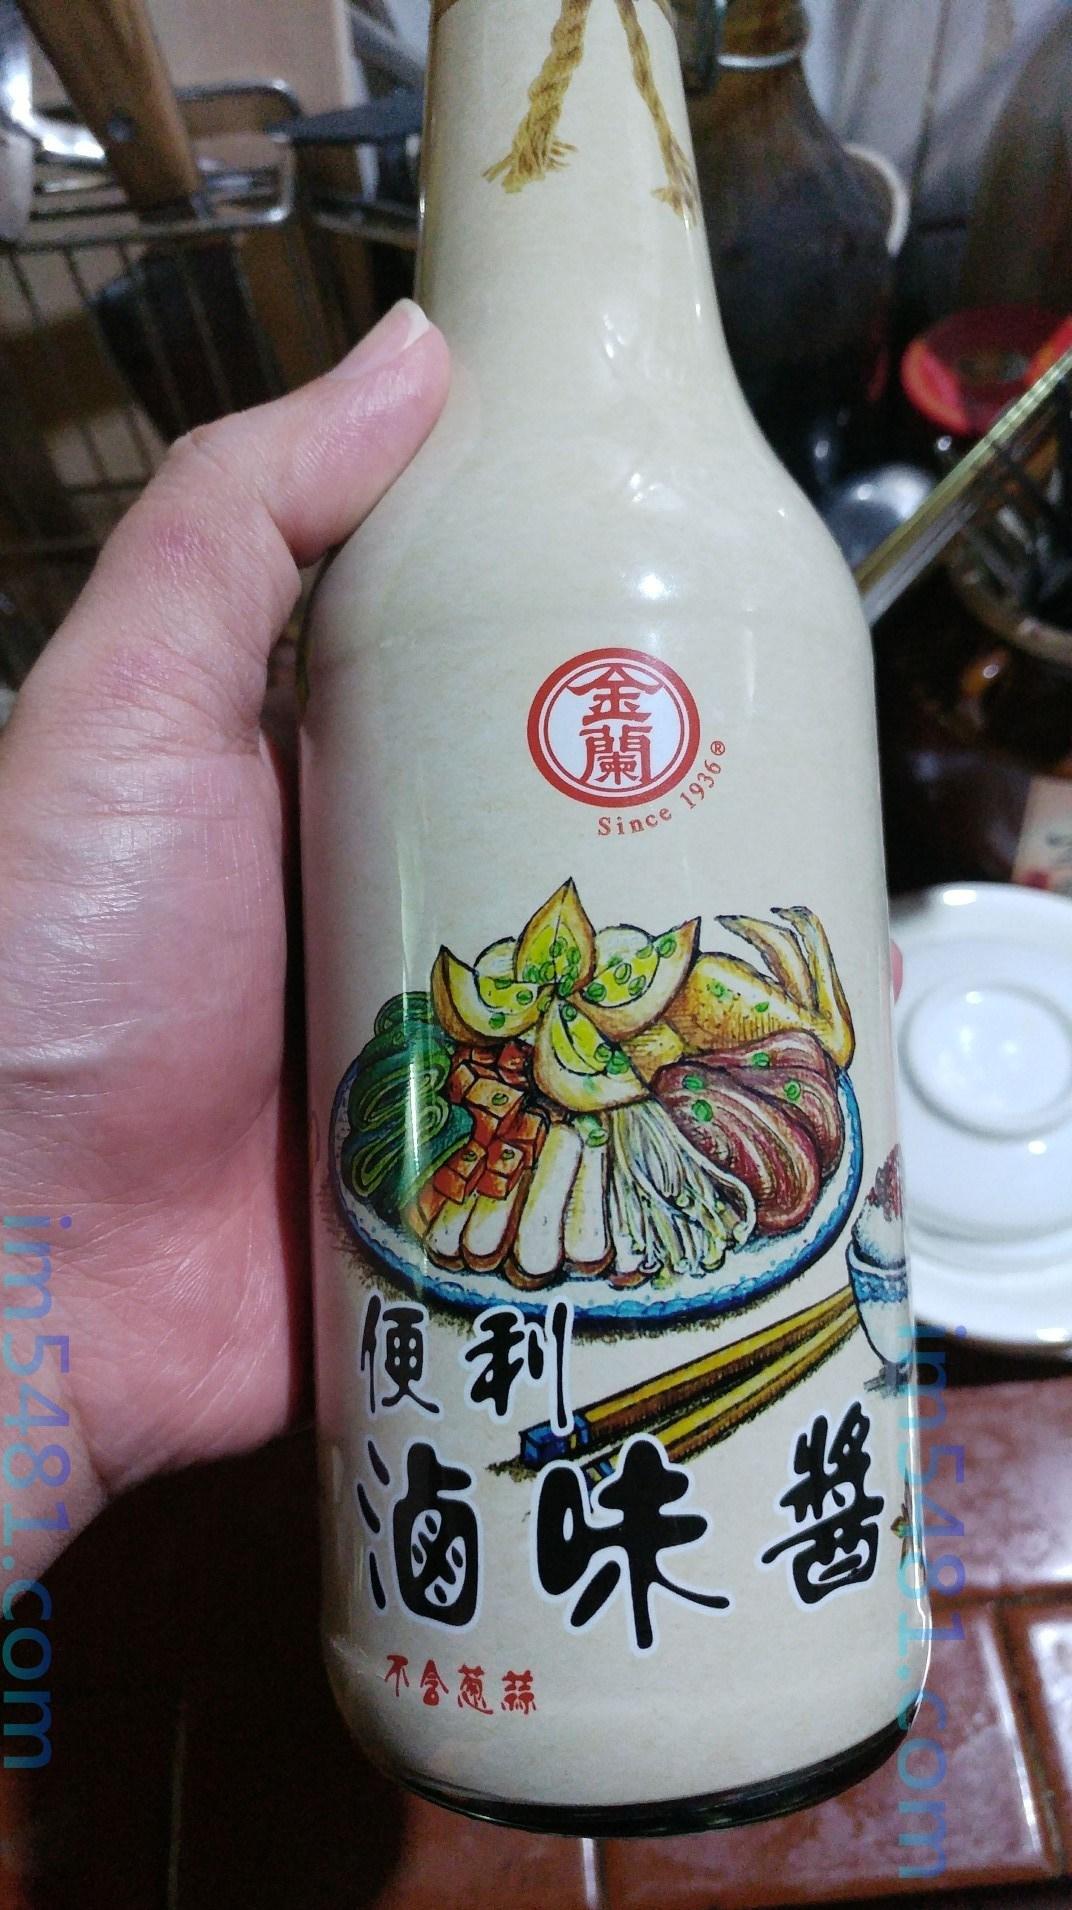 金蘭便利滷味醬